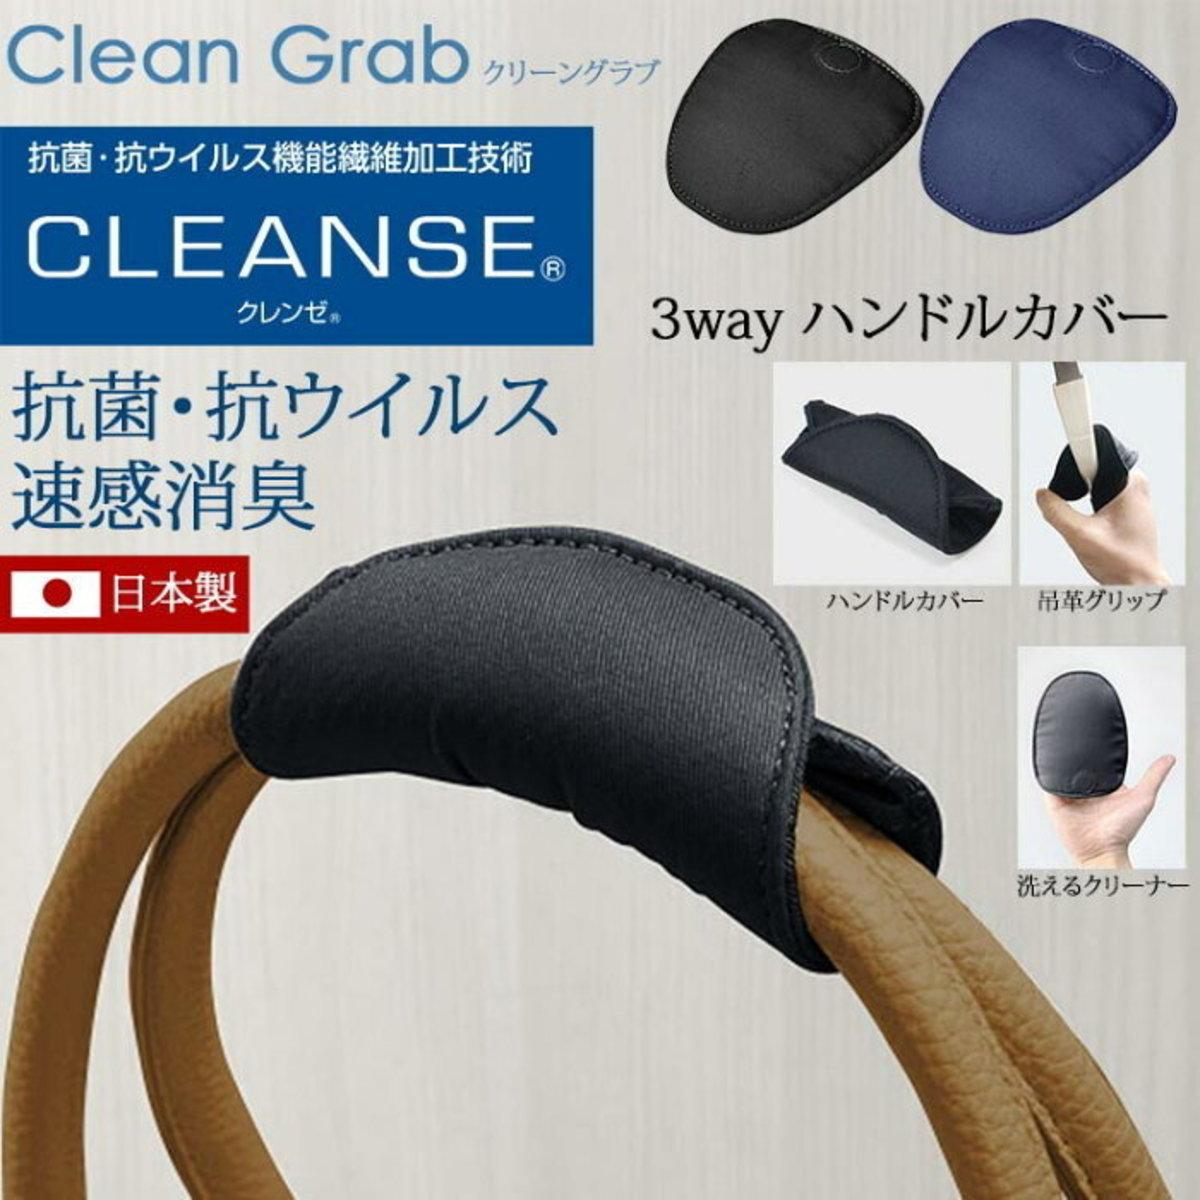 日本製 Clean Grab 抗菌抗病毒多用途手套 Multi purpose Anti virus mitten 35-0170